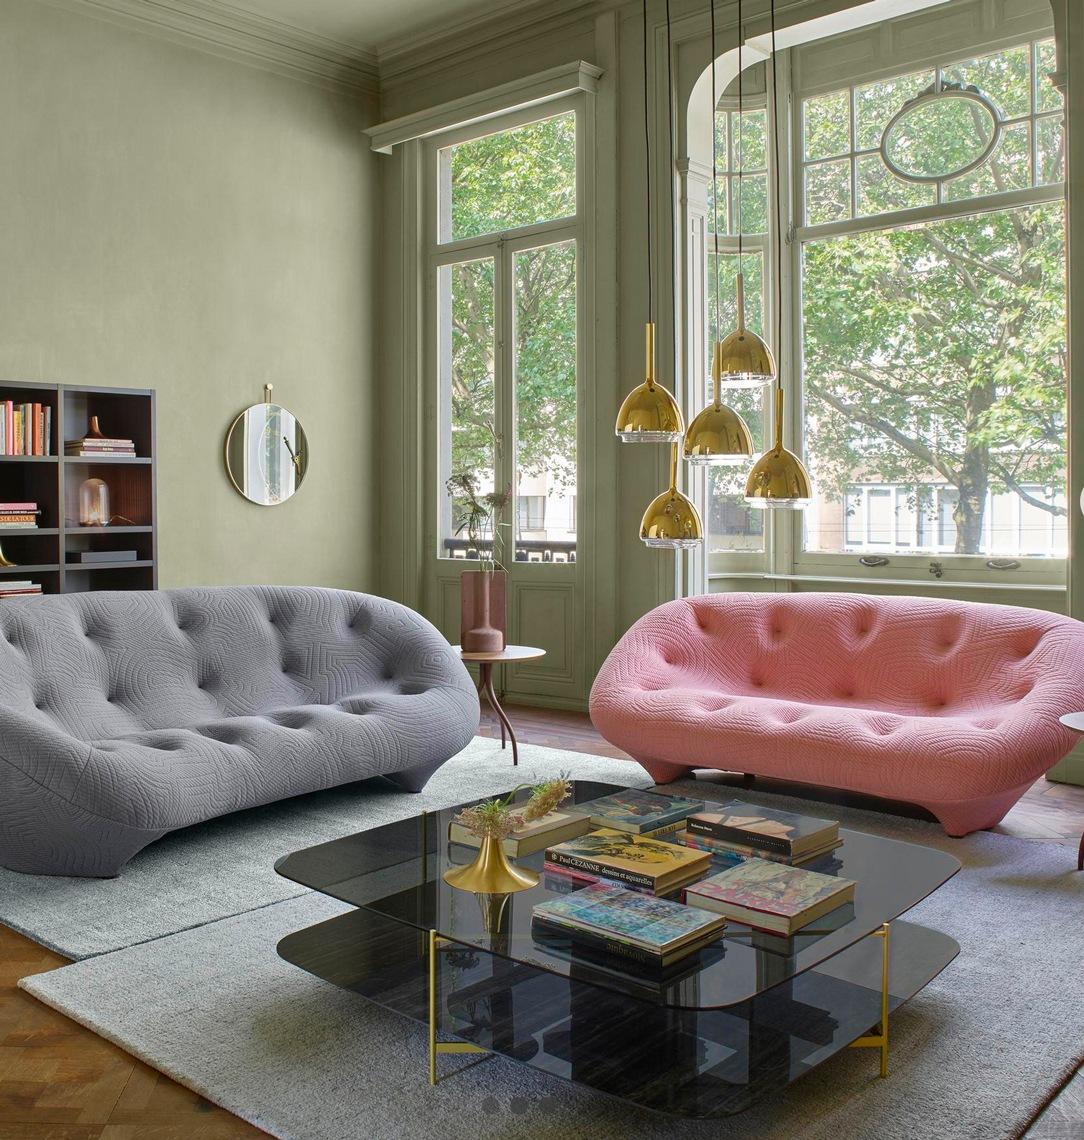 soggiorno-arredamento-stile-contemporaneo-divani-design